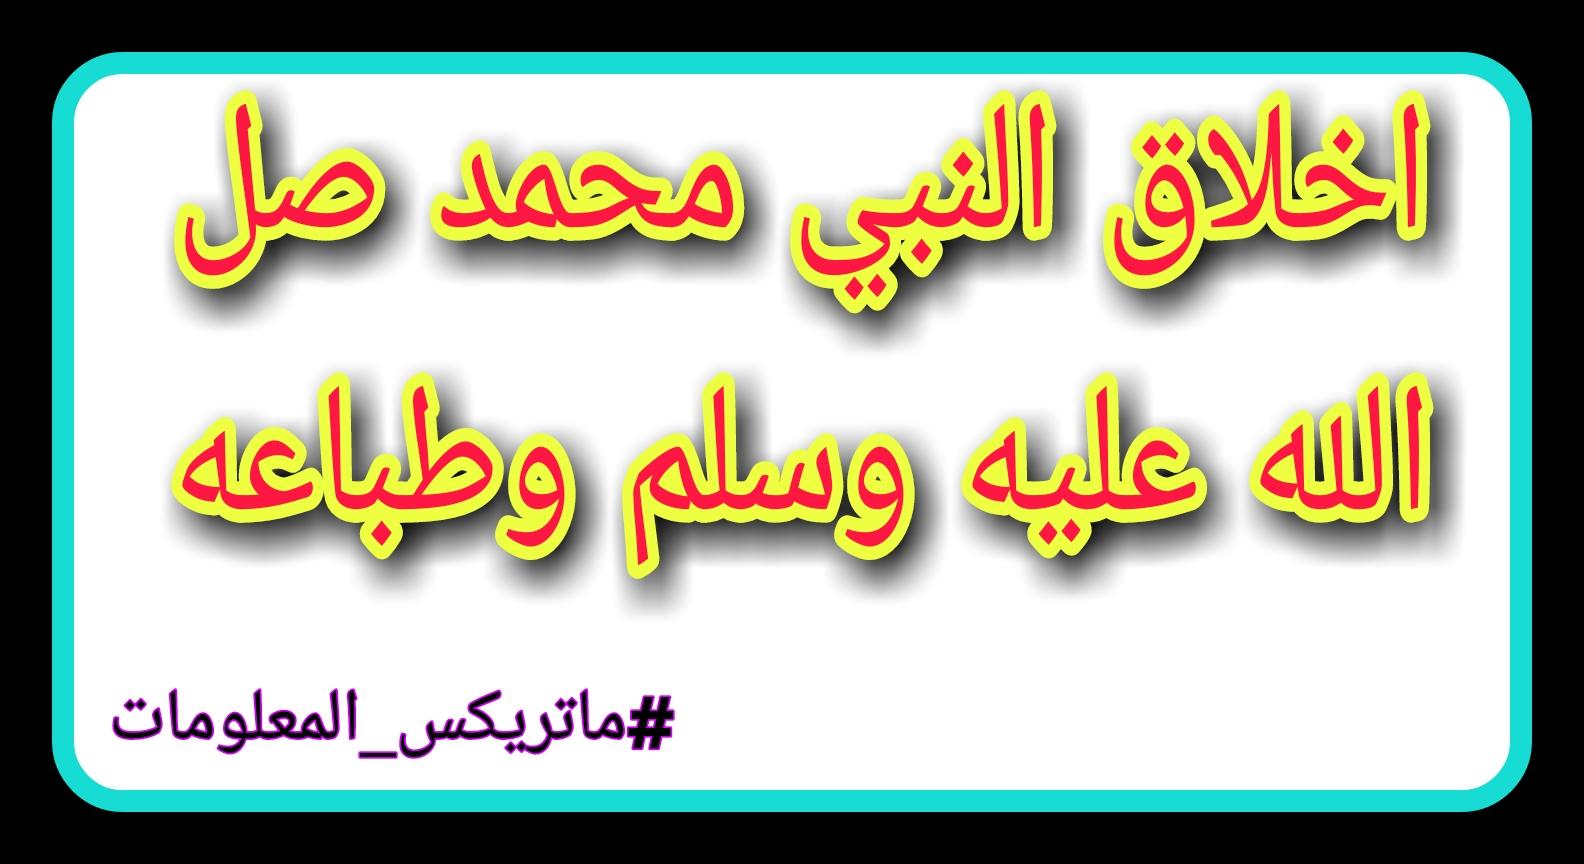 ما هي اخلاق النبي محمد صلى الله عليه وسلم  و كرمه مع أعدائه